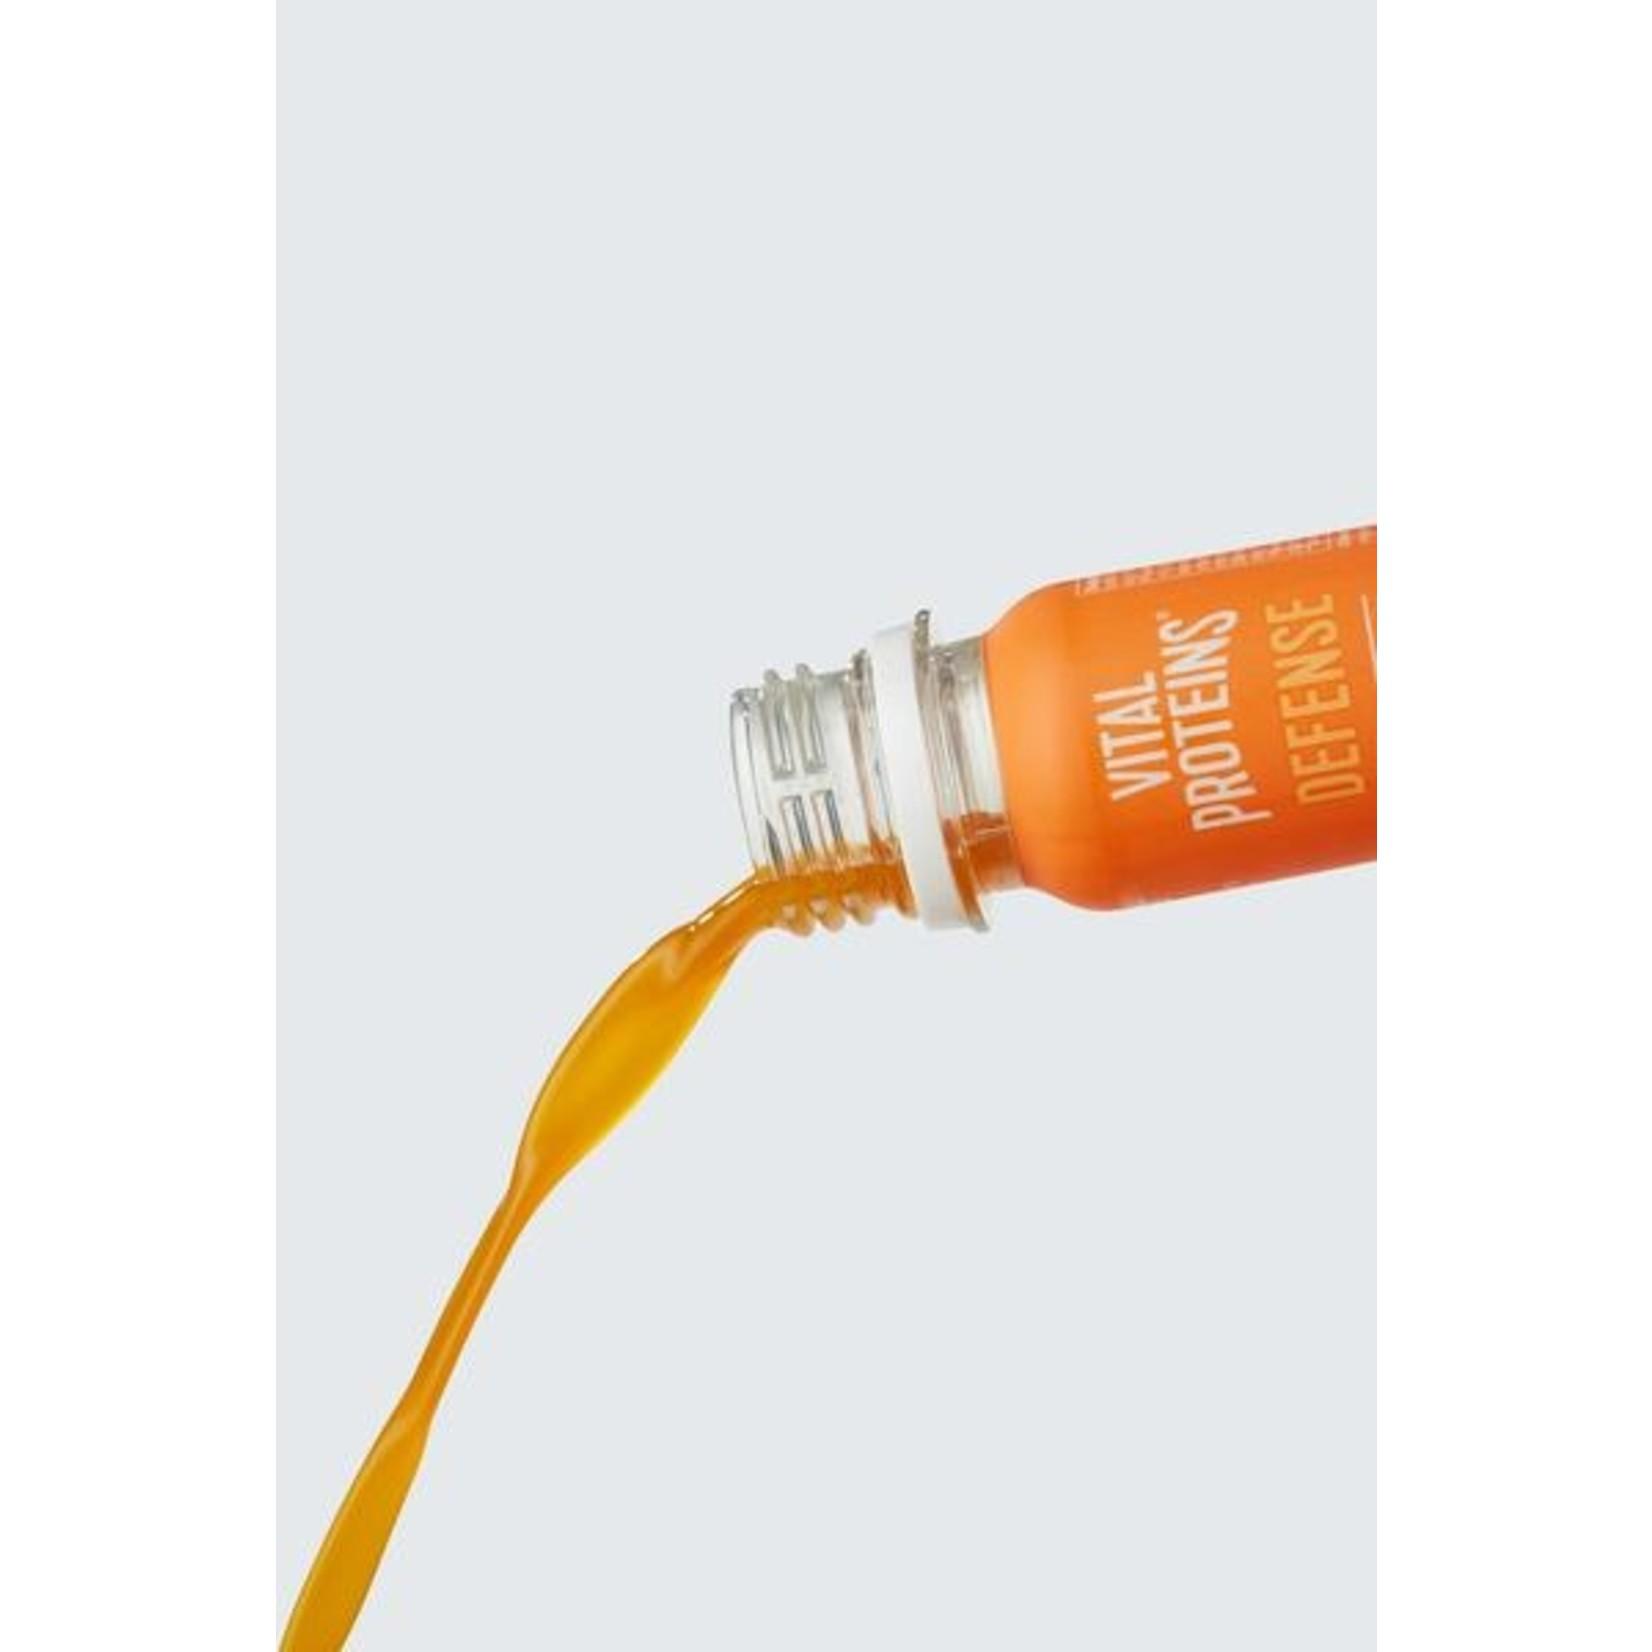 Vital Proteins Defense Collagen Shot 2oz